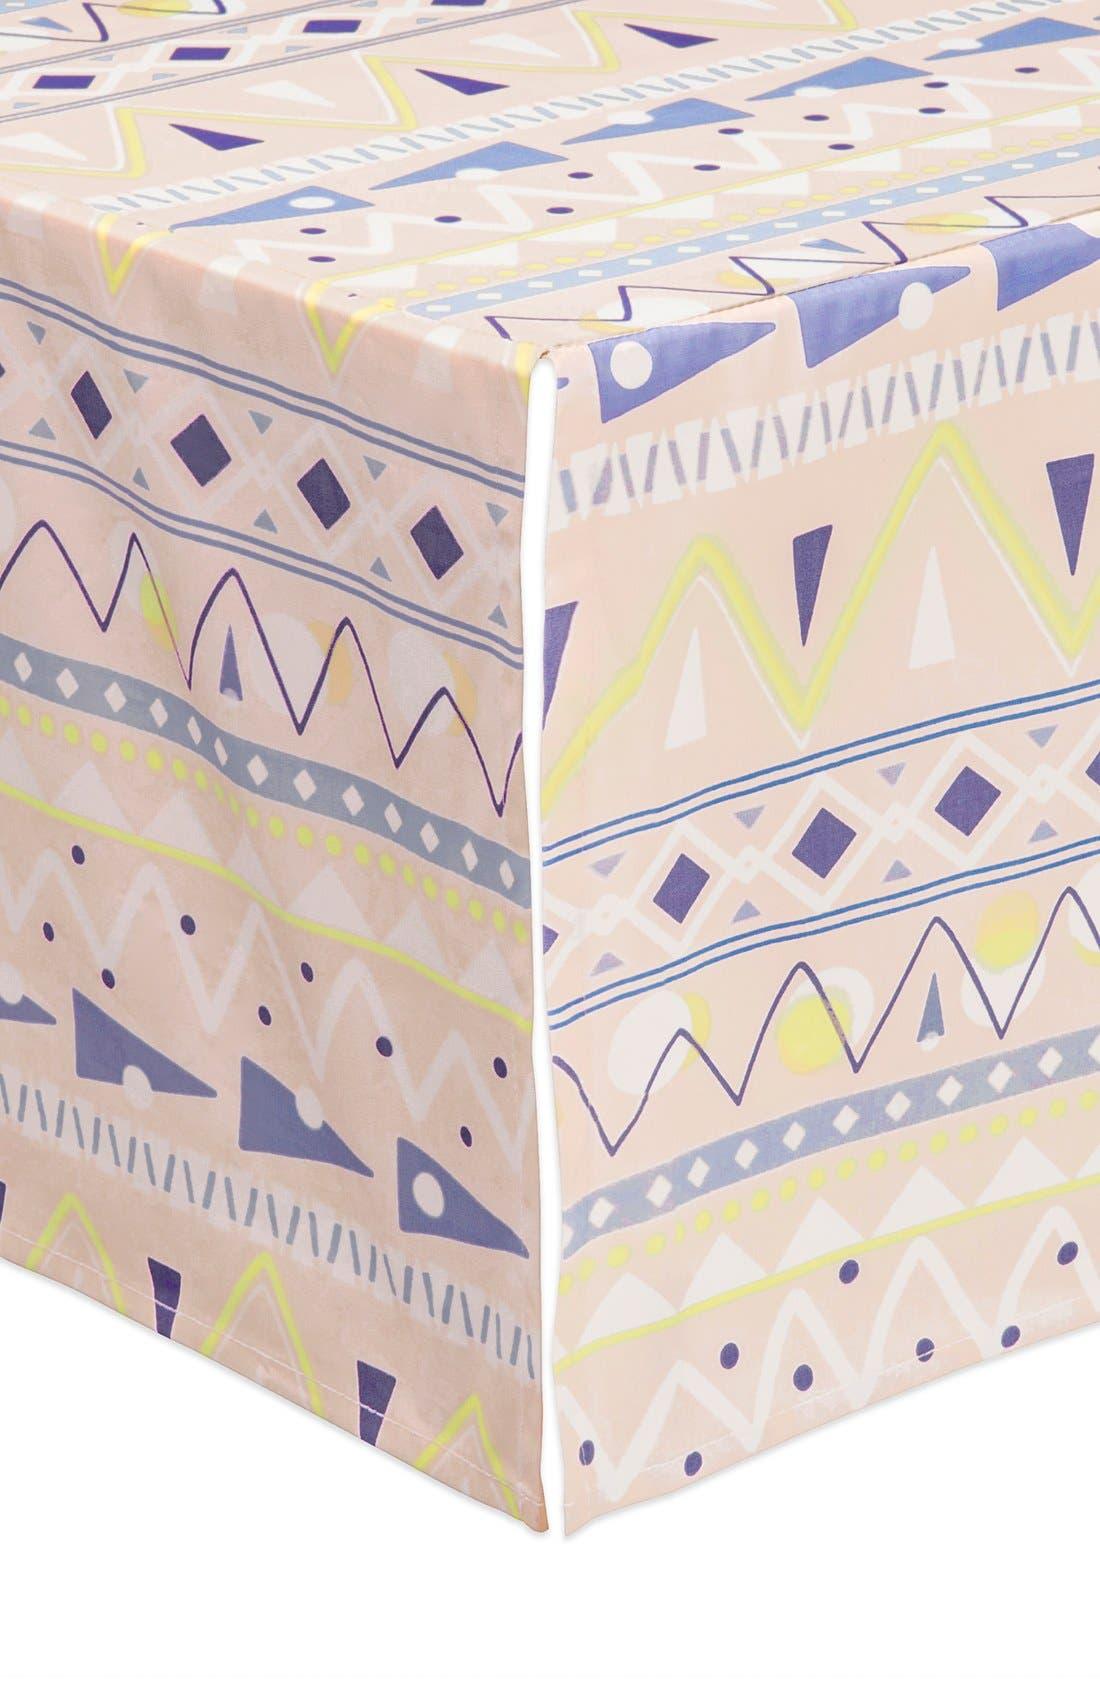 'Desert' Crib Sheet, Crib Skirt, Stroller Blanket & Wall Decals,                             Alternate thumbnail 3, color,                             900